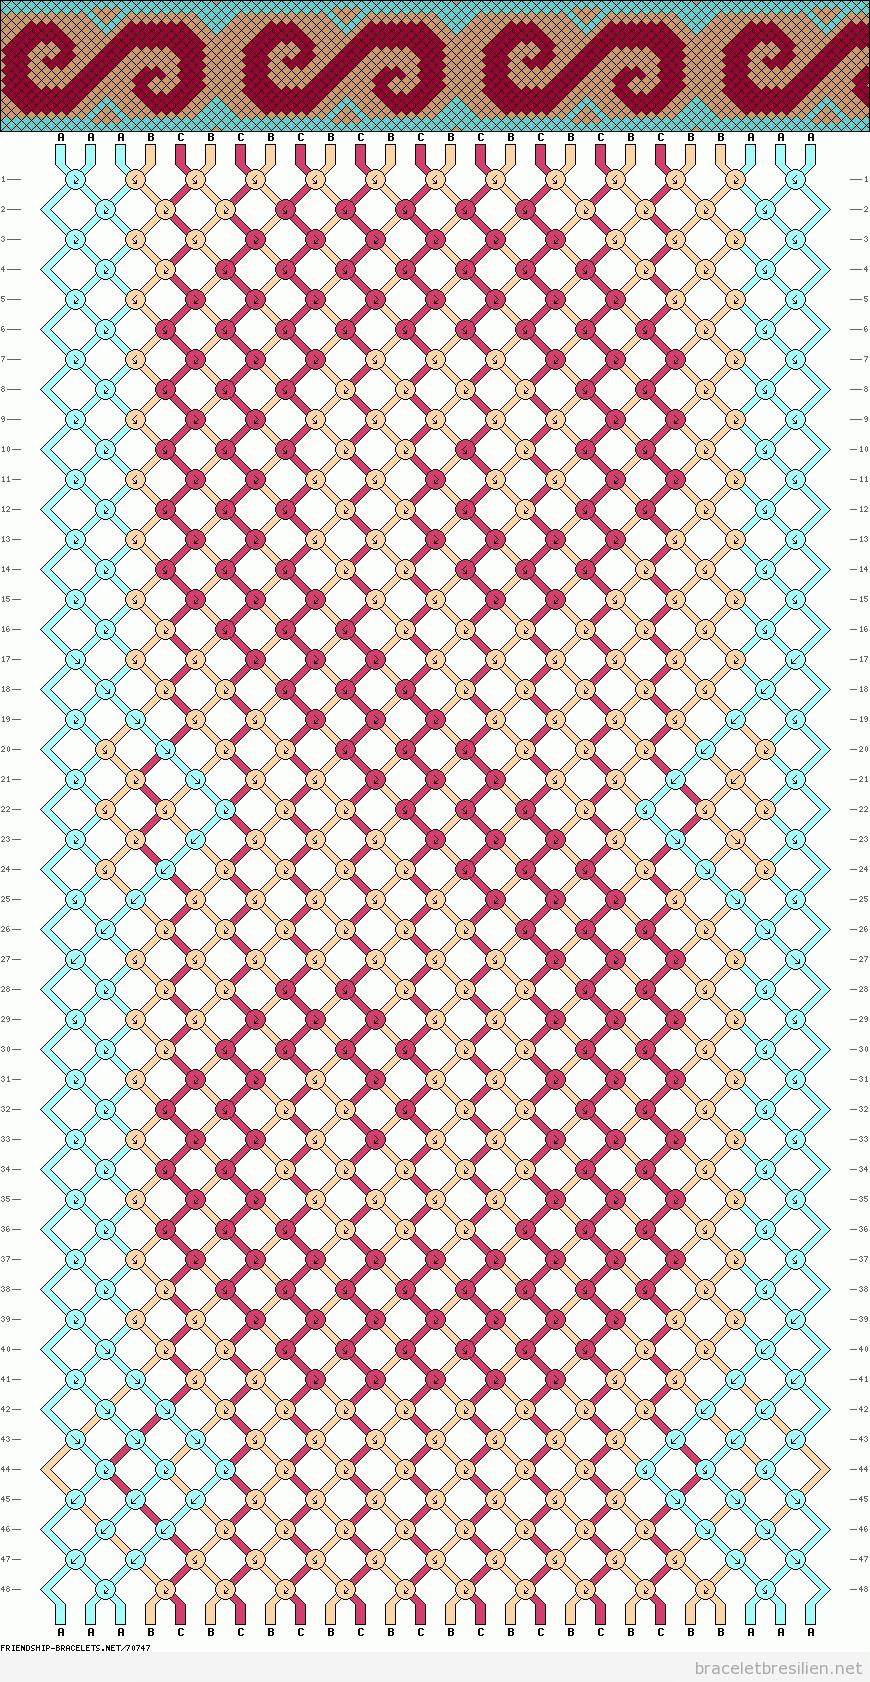 Modèle ou diagramme, bracelet brésilien, forme de S, vague ou torubillon